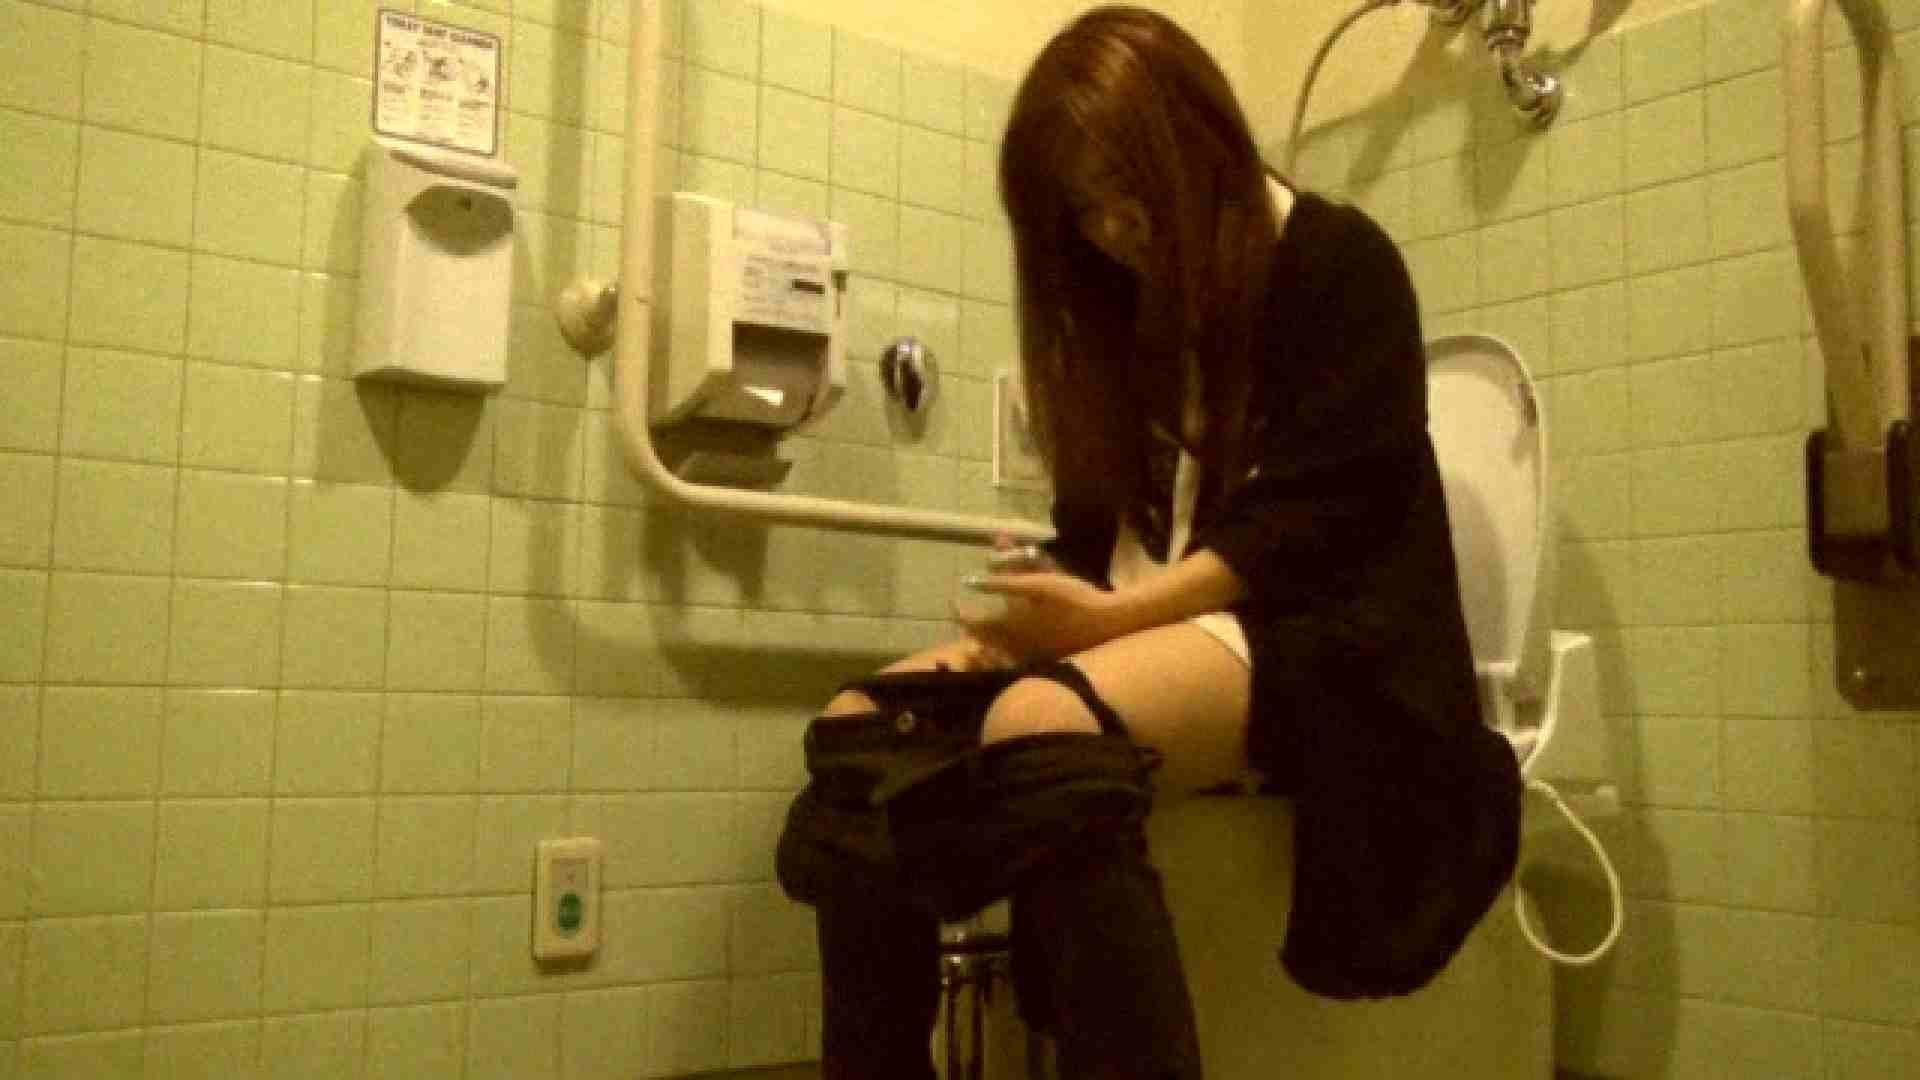 魔術師の お・も・て・な・し vol.26 19歳のバーの店員さんの洗面所をしばし… 洗面所 | 美女OL  54連発 45